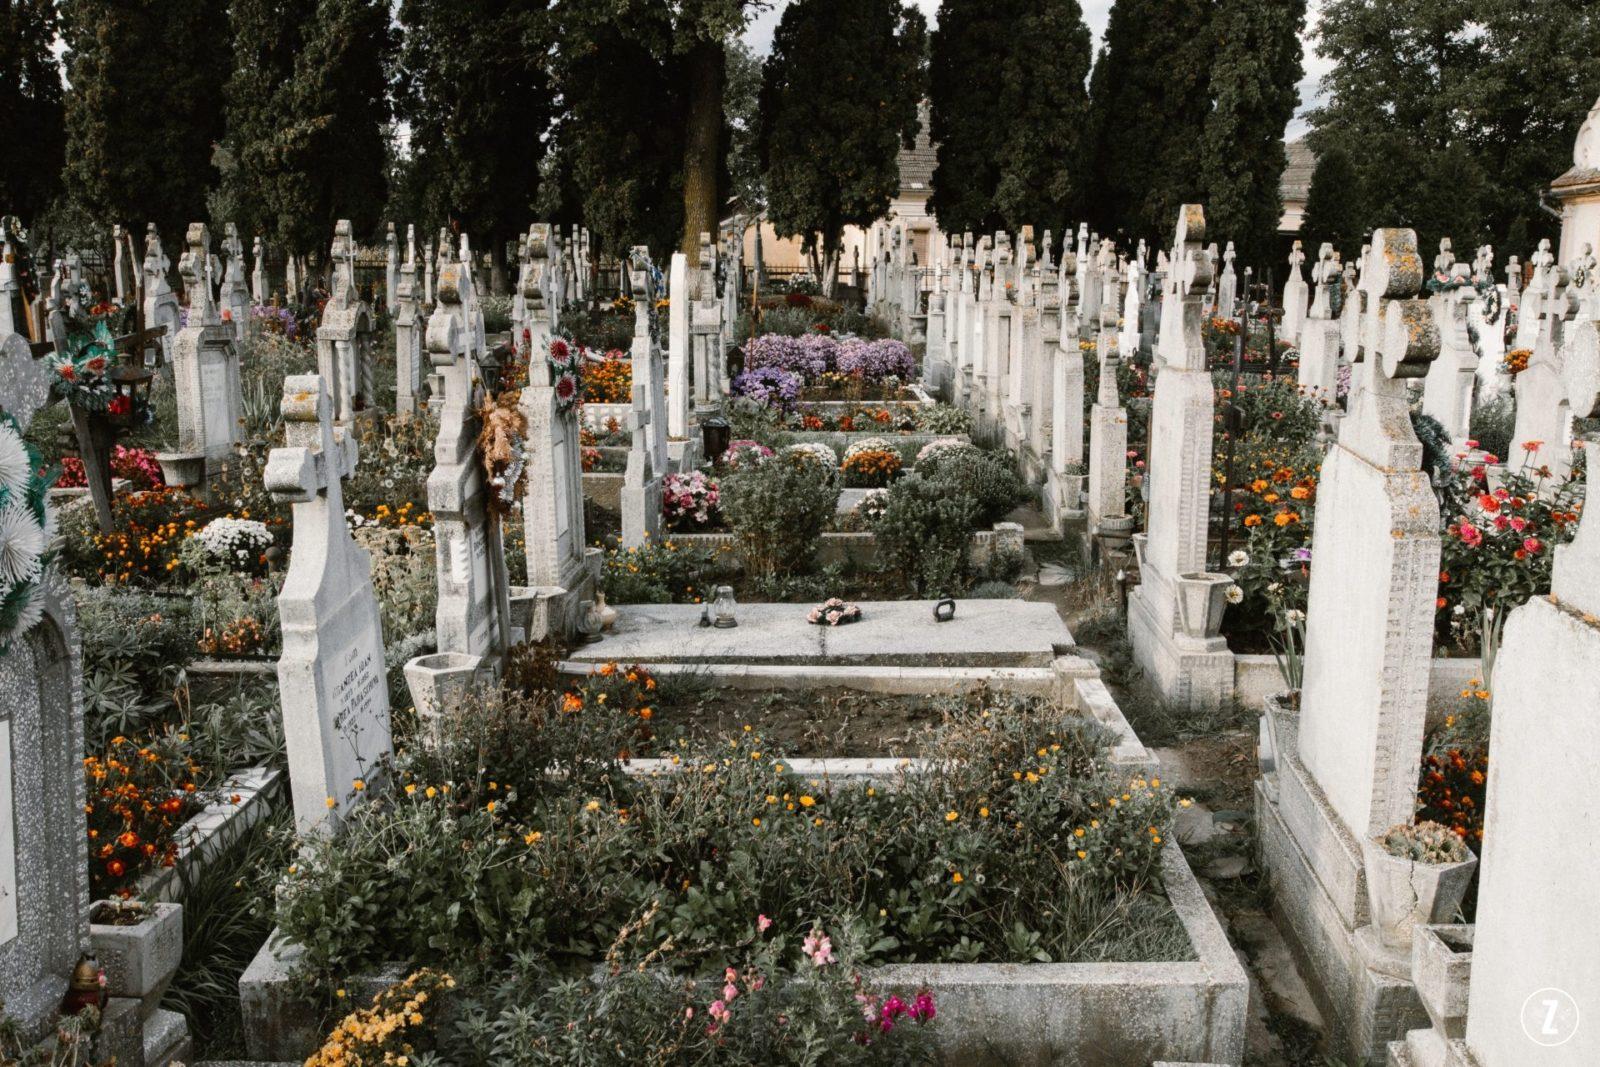 Bon, chryzantemy, Dia de los Muertos, flor de muertos, hiacynt, historia, jaskinia Raqefet, jodla olbrzymia, La Toussaint, mahonia pospolita, mięta, mitologia, narcyz, przesady, szalwia, tradycje, zawilec, grobowiec, mezczyzna z kwiatami